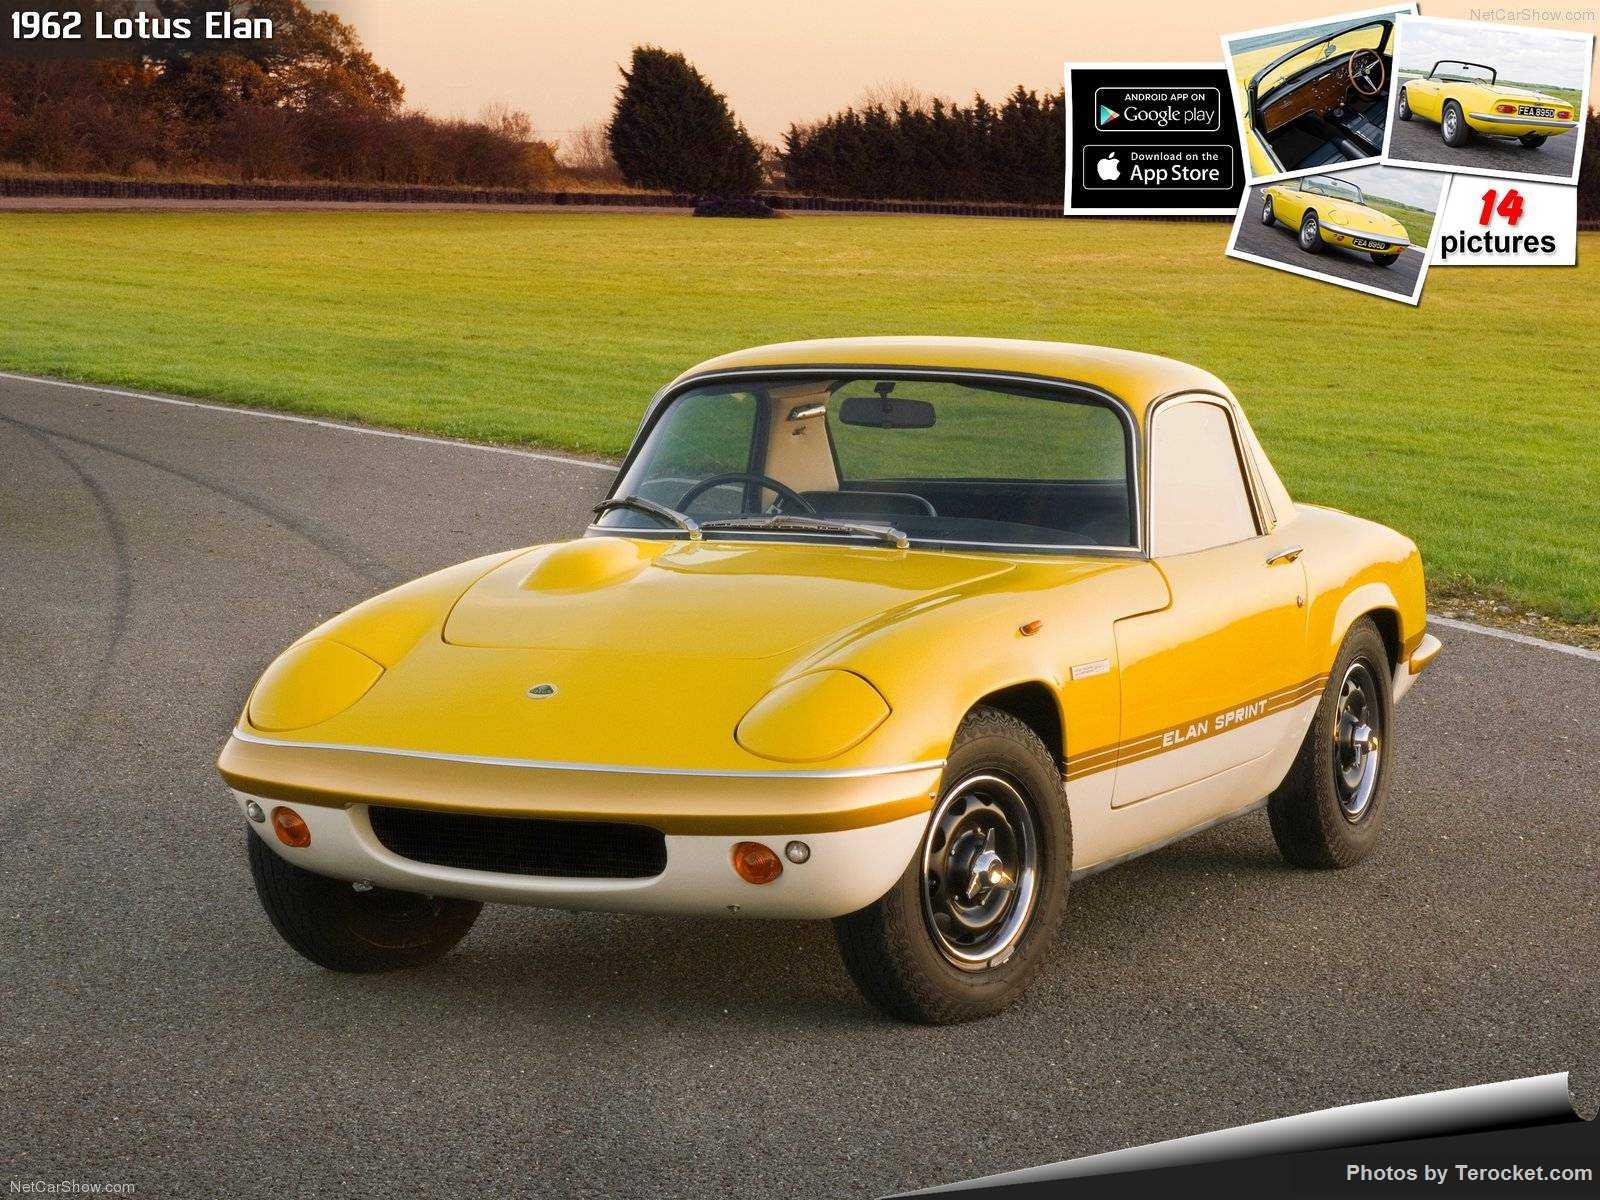 Hình ảnh siêu xe Lotus Elan 1962 & nội ngoại thất